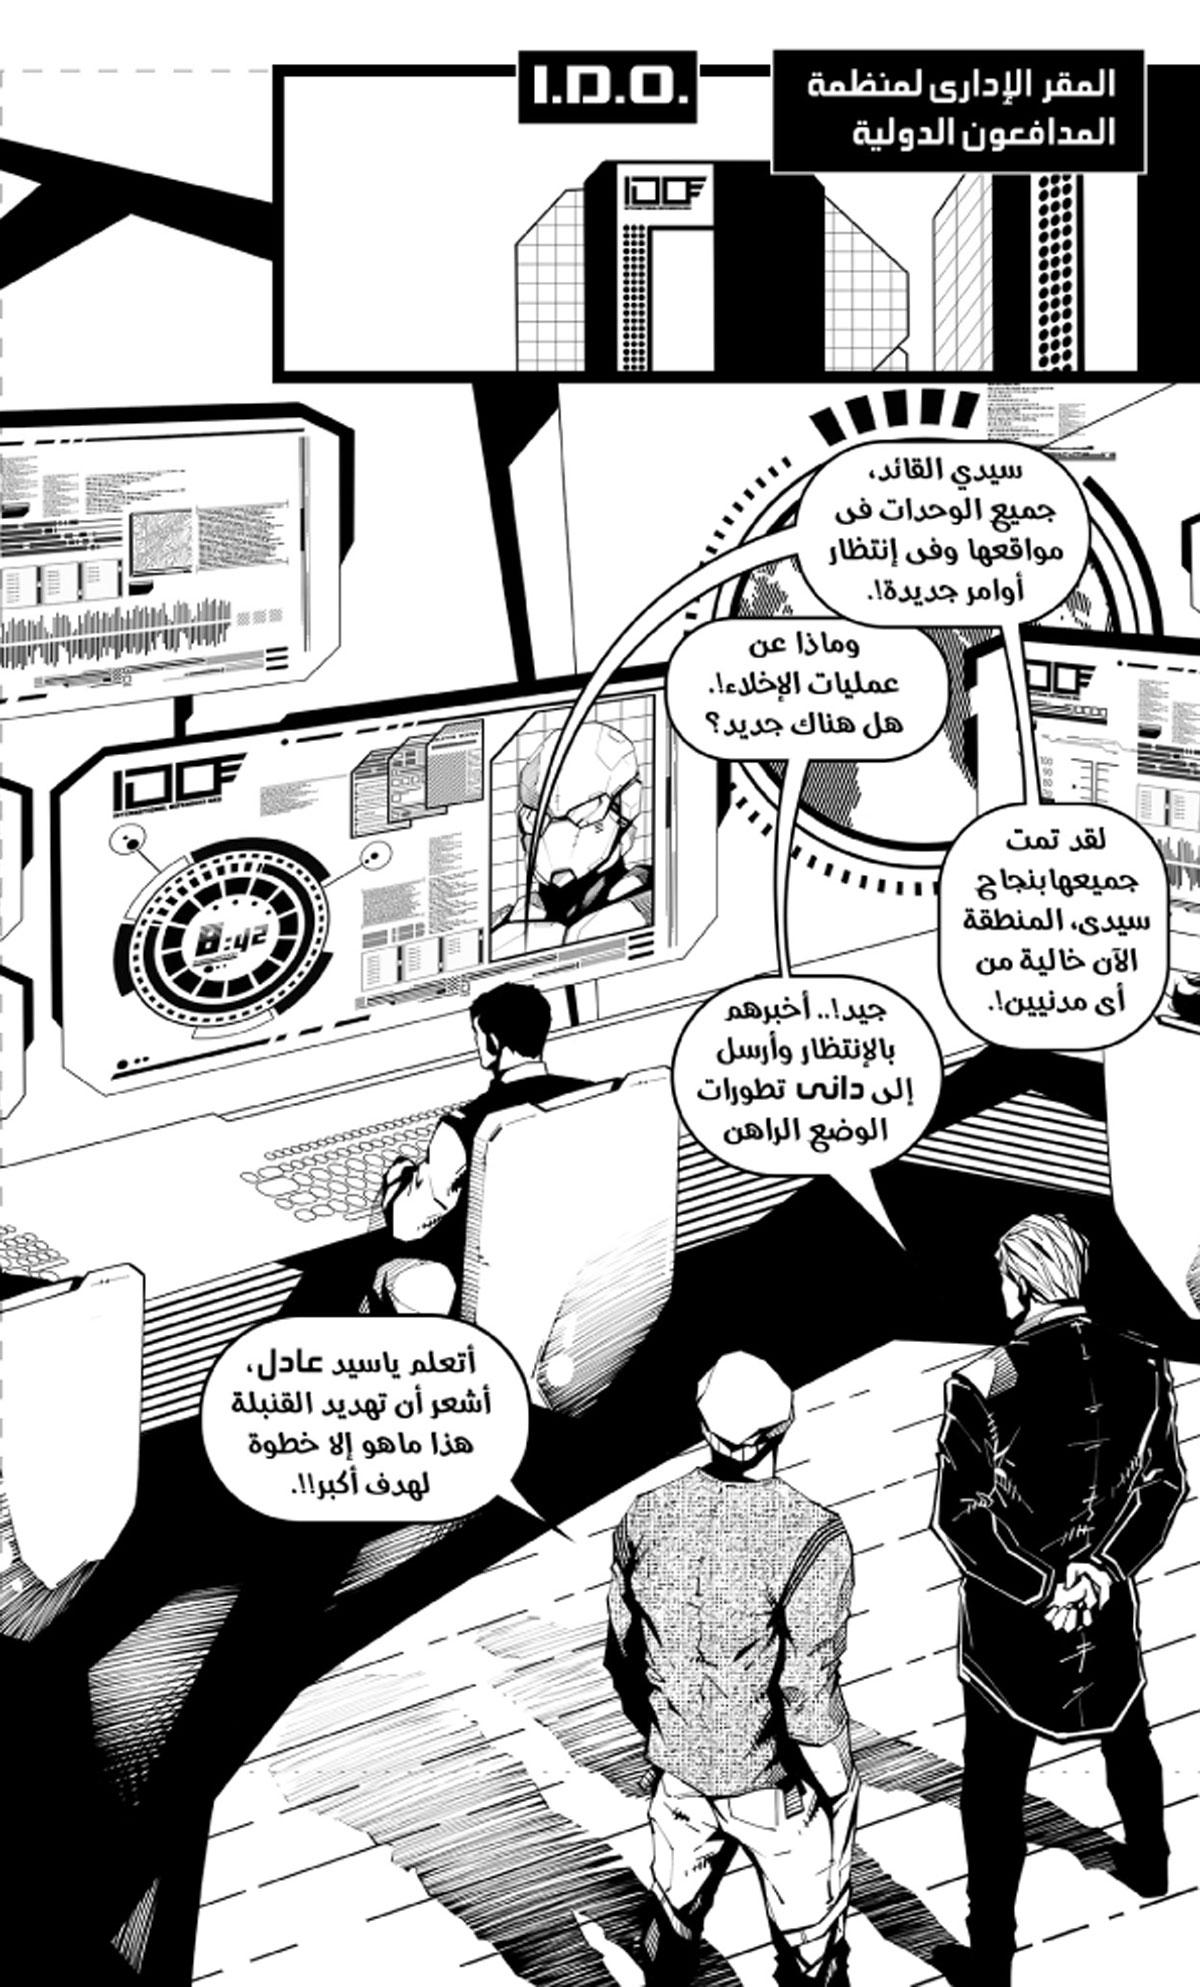 الرواية المصورة داني - الصفحة 11